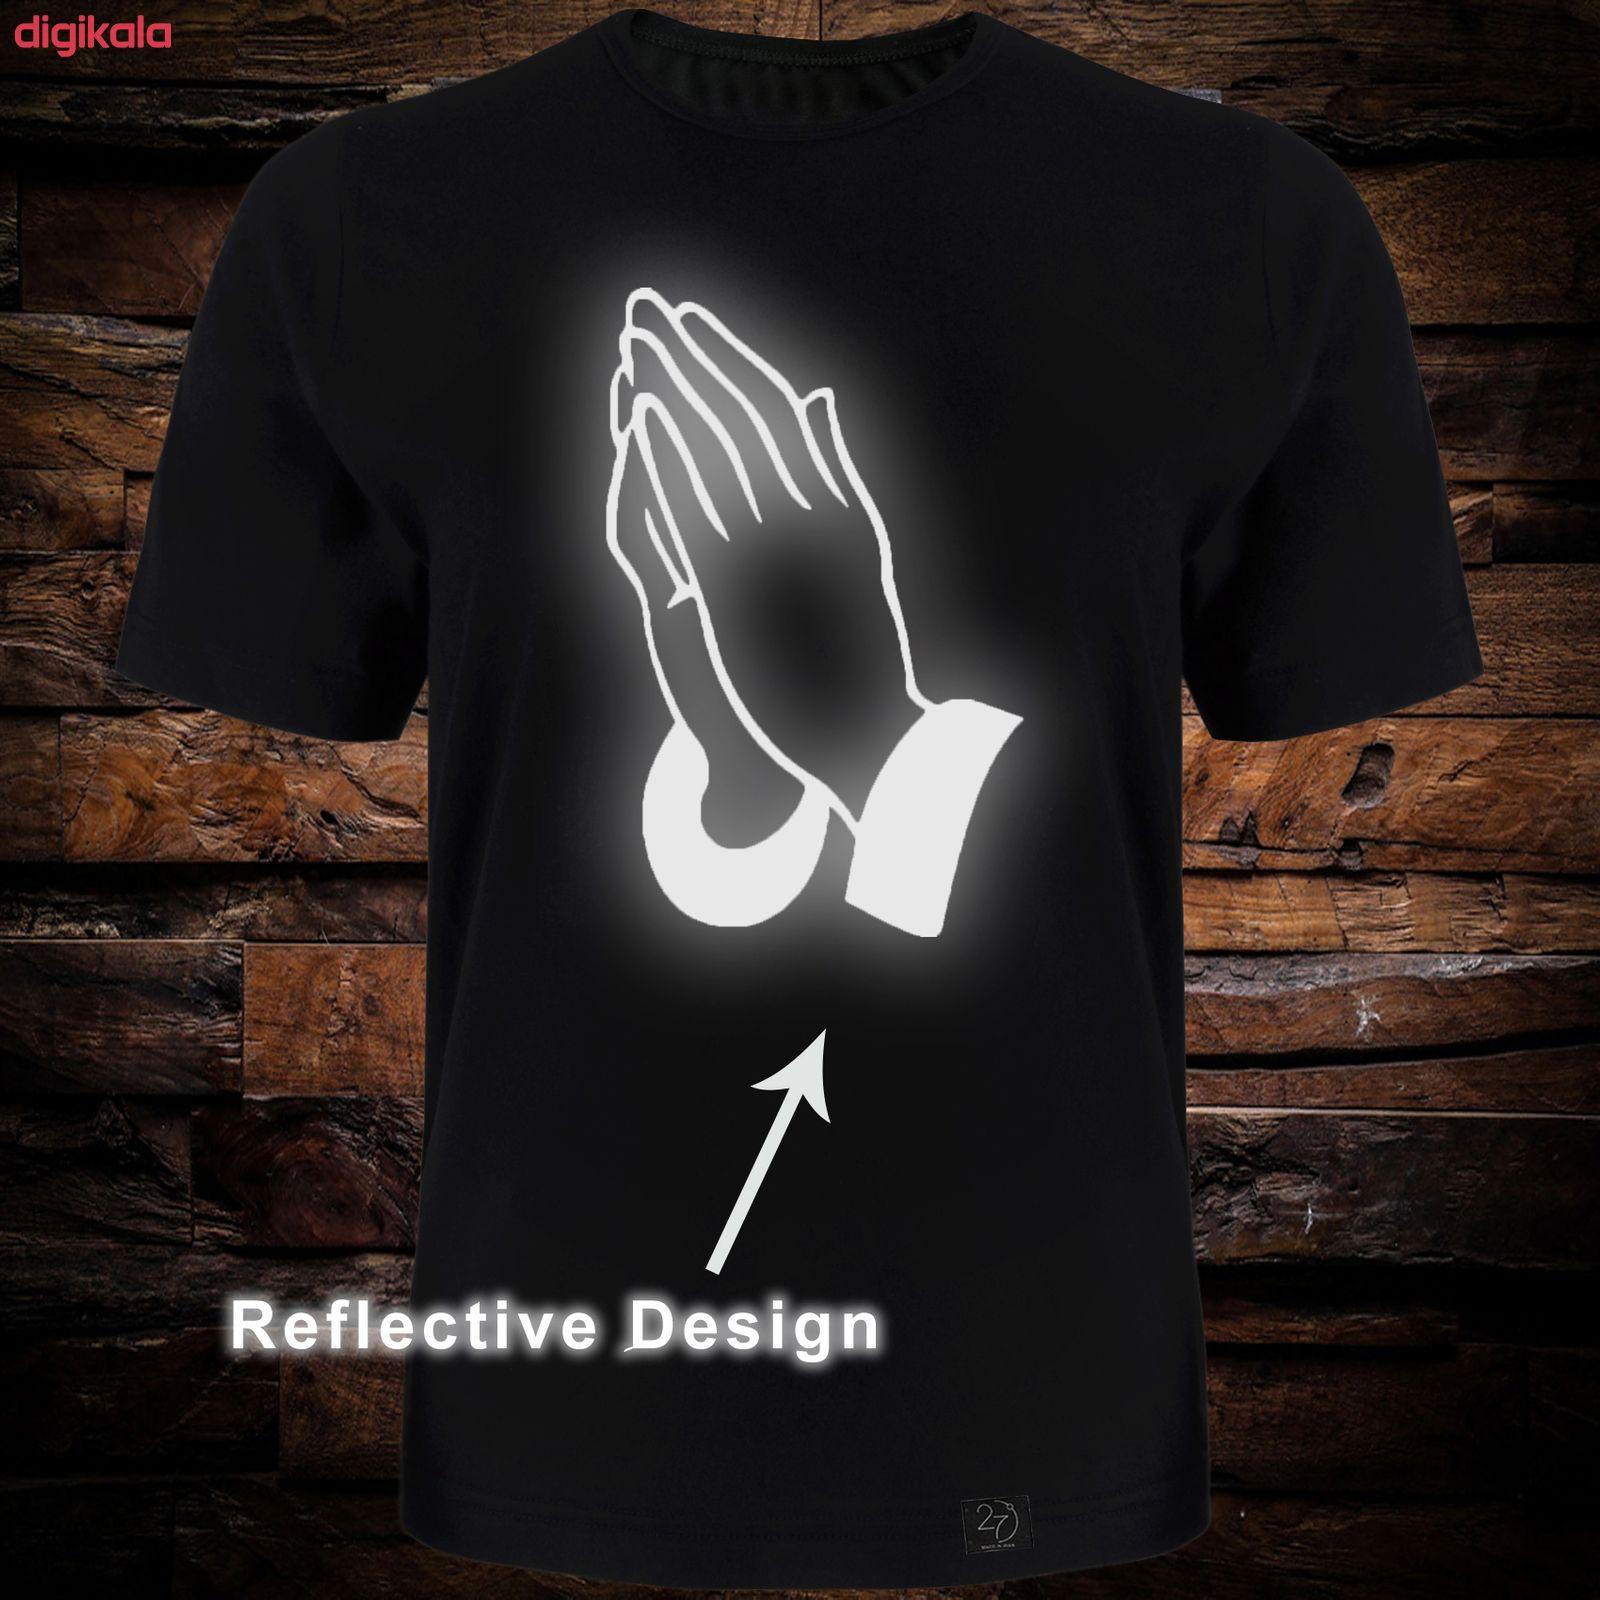 تی شرت آستین کوتاه مردانه 27 طرح دست کد TR06 رنگ مشکی main 1 1